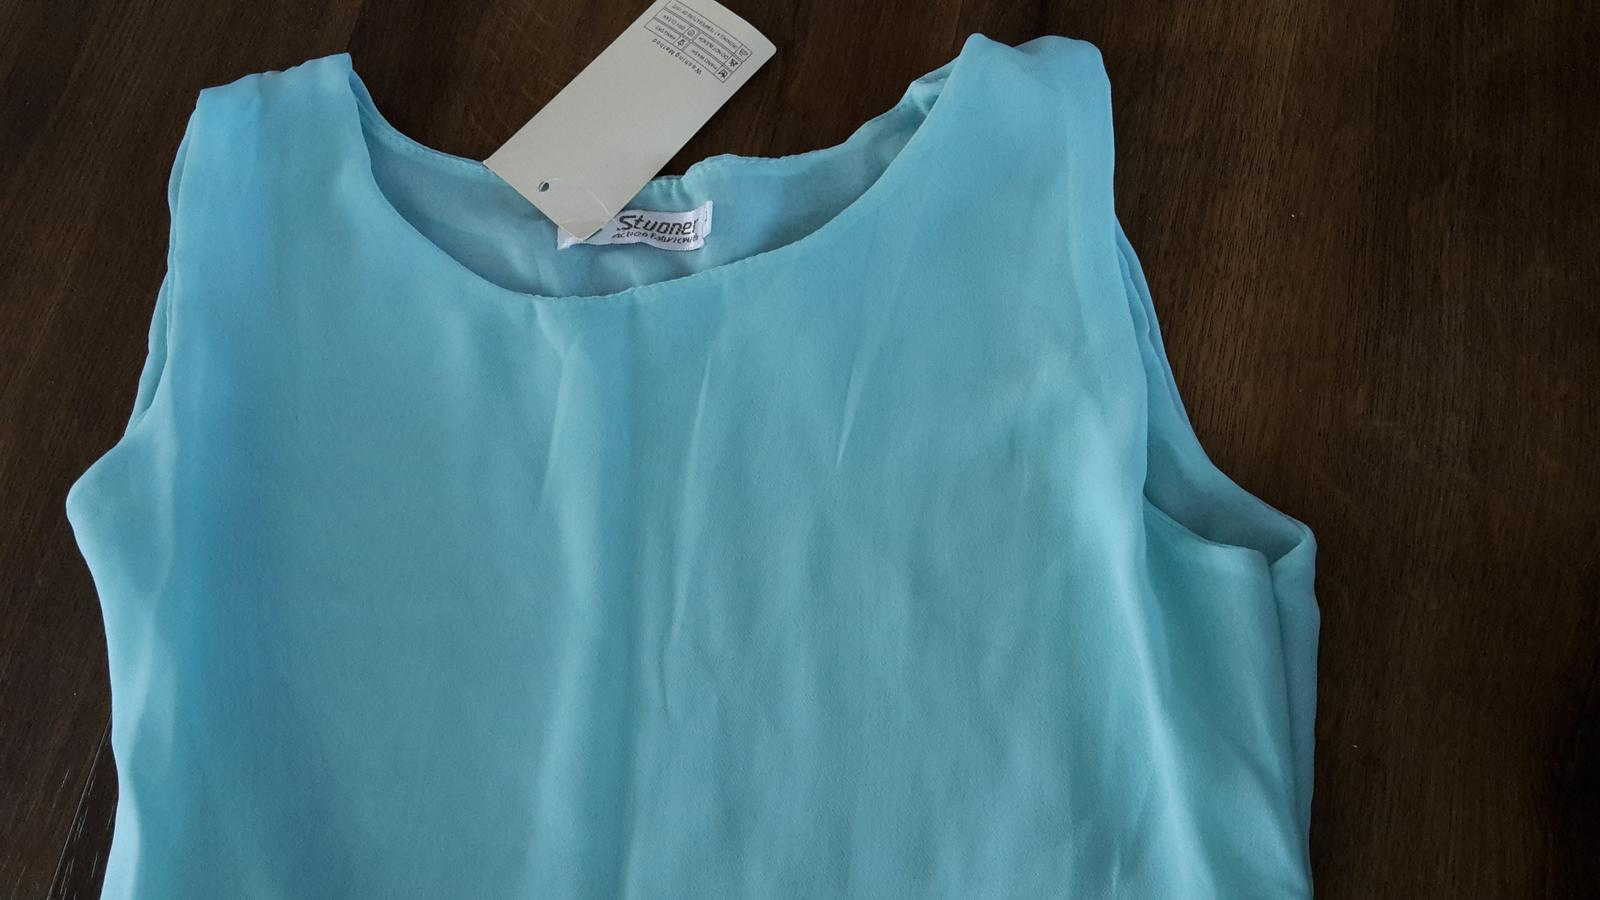 Asymetrické-polodlhé letné šaty, spoločenské šaty - Obrázok č. 3